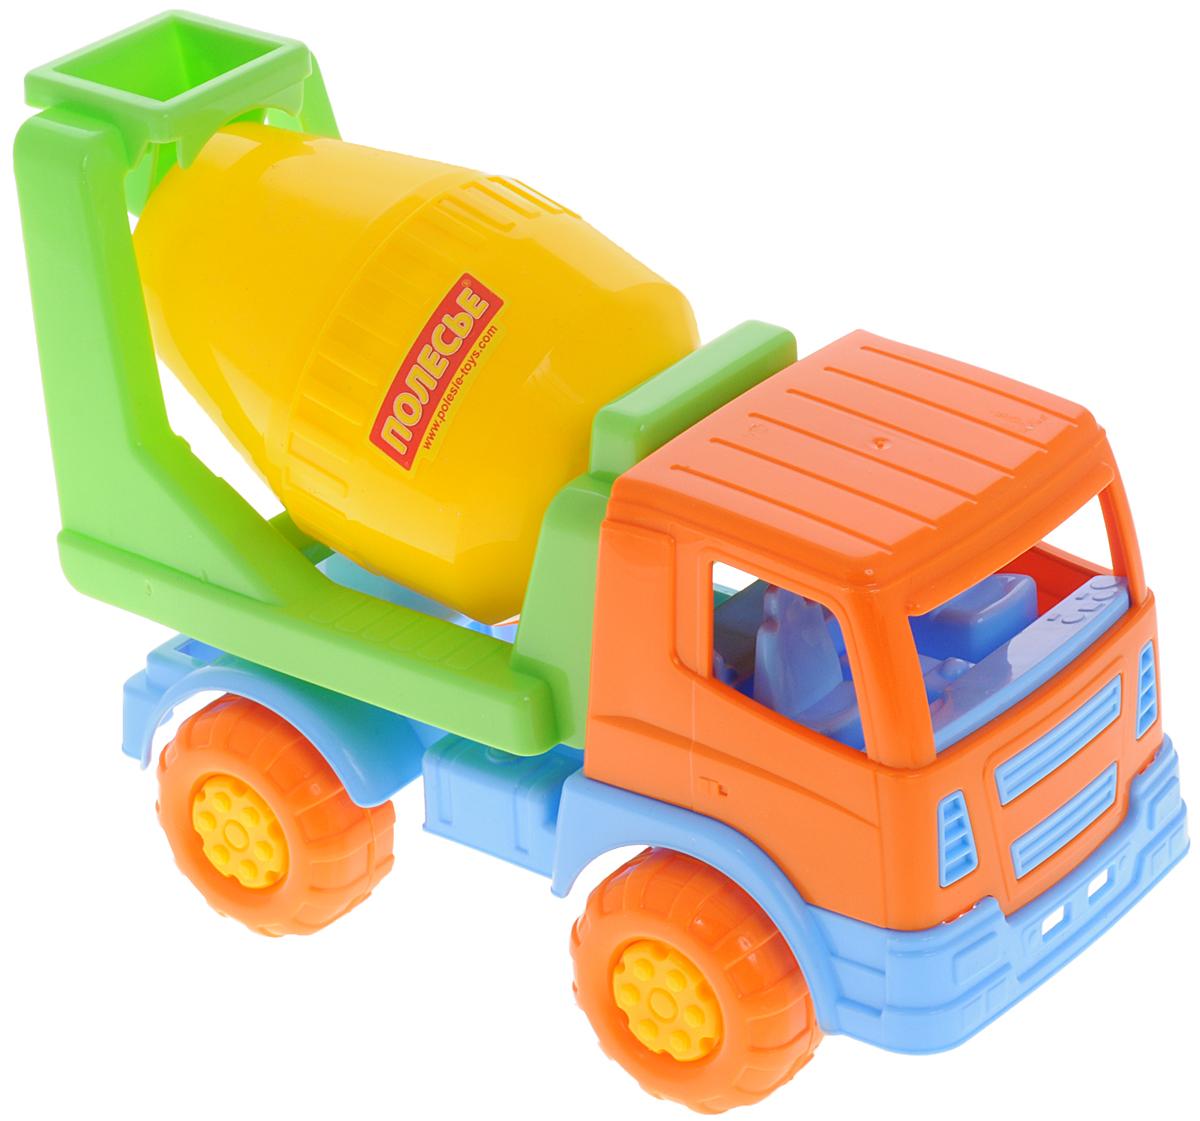 Полесье Бетоновоз Салют цвет оранжевый голубой салатовый8953_оранжевый голубой салатовыйЯркий бетоновоз Салют, изготовленный из прочного безопасного пластика, отлично подойдет ребенку для различных игр. Бетоновоз оснащен вращающейся бочкой для перемешивания цемента во время транспортировки. Кузов с бочкой может опускаться назад. Большие ребристые колеса со свободным ходом обеспечивают игрушке устойчивость и хорошую проходимость. Ваш юный строитель сможет прекрасно провести время дома или на улице, создавая свою стройку.